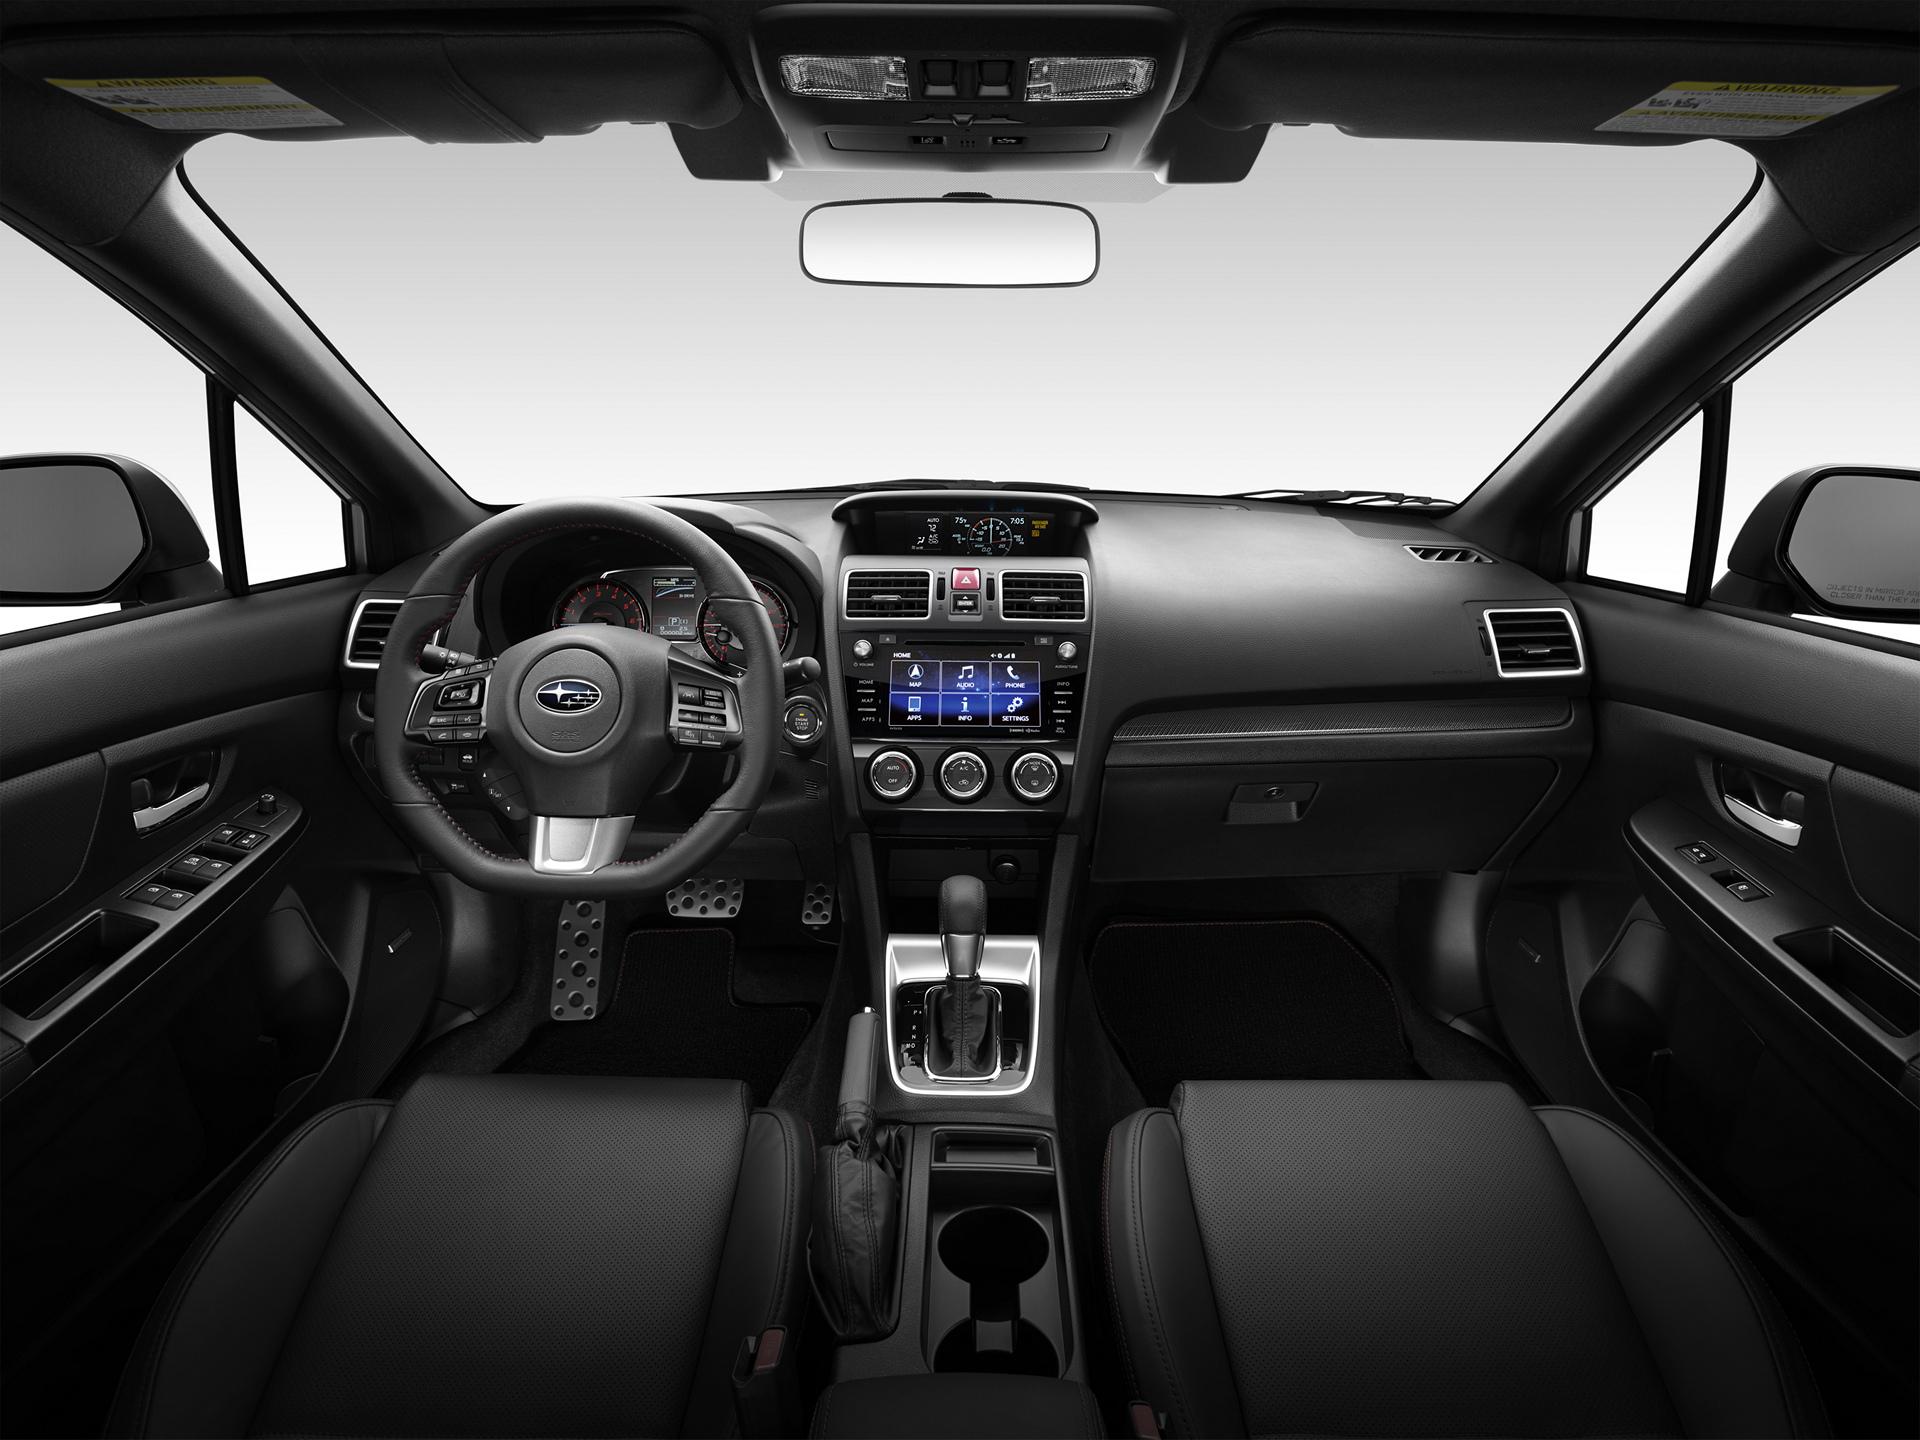 2017 Subaru WRX © Fuji Heavy Industries, Ltd.